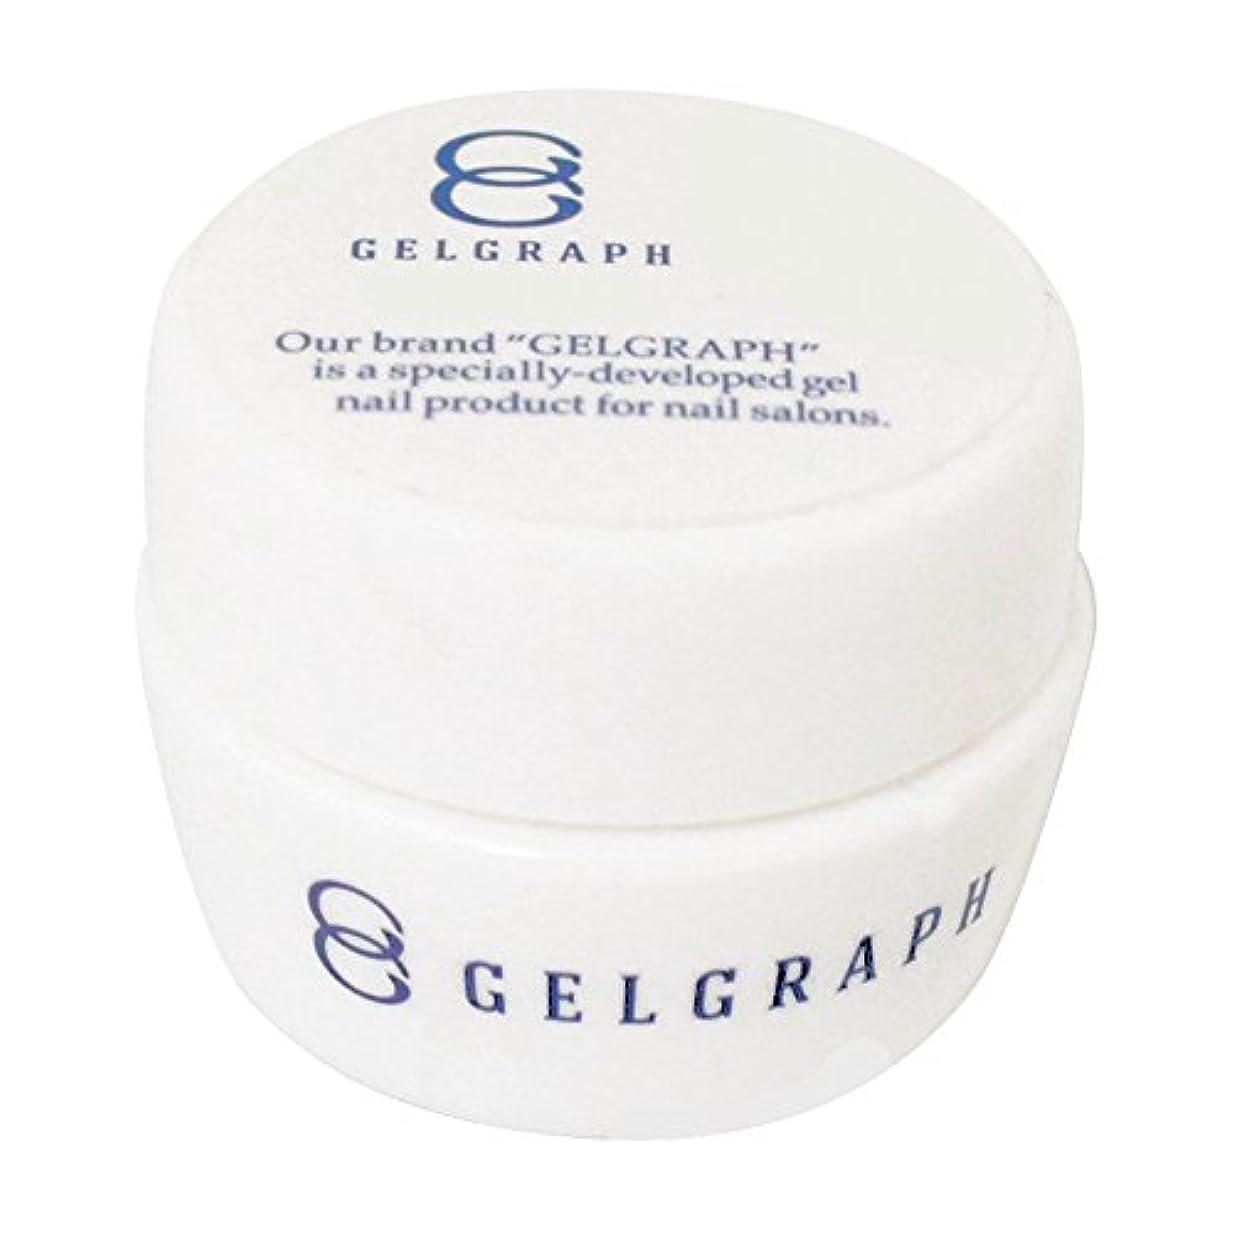 ジュニア愛情深い植物学GELGRAPH カラージェル 042GP コスモポリタン 5g UV/LED対応 ソークオフジェル